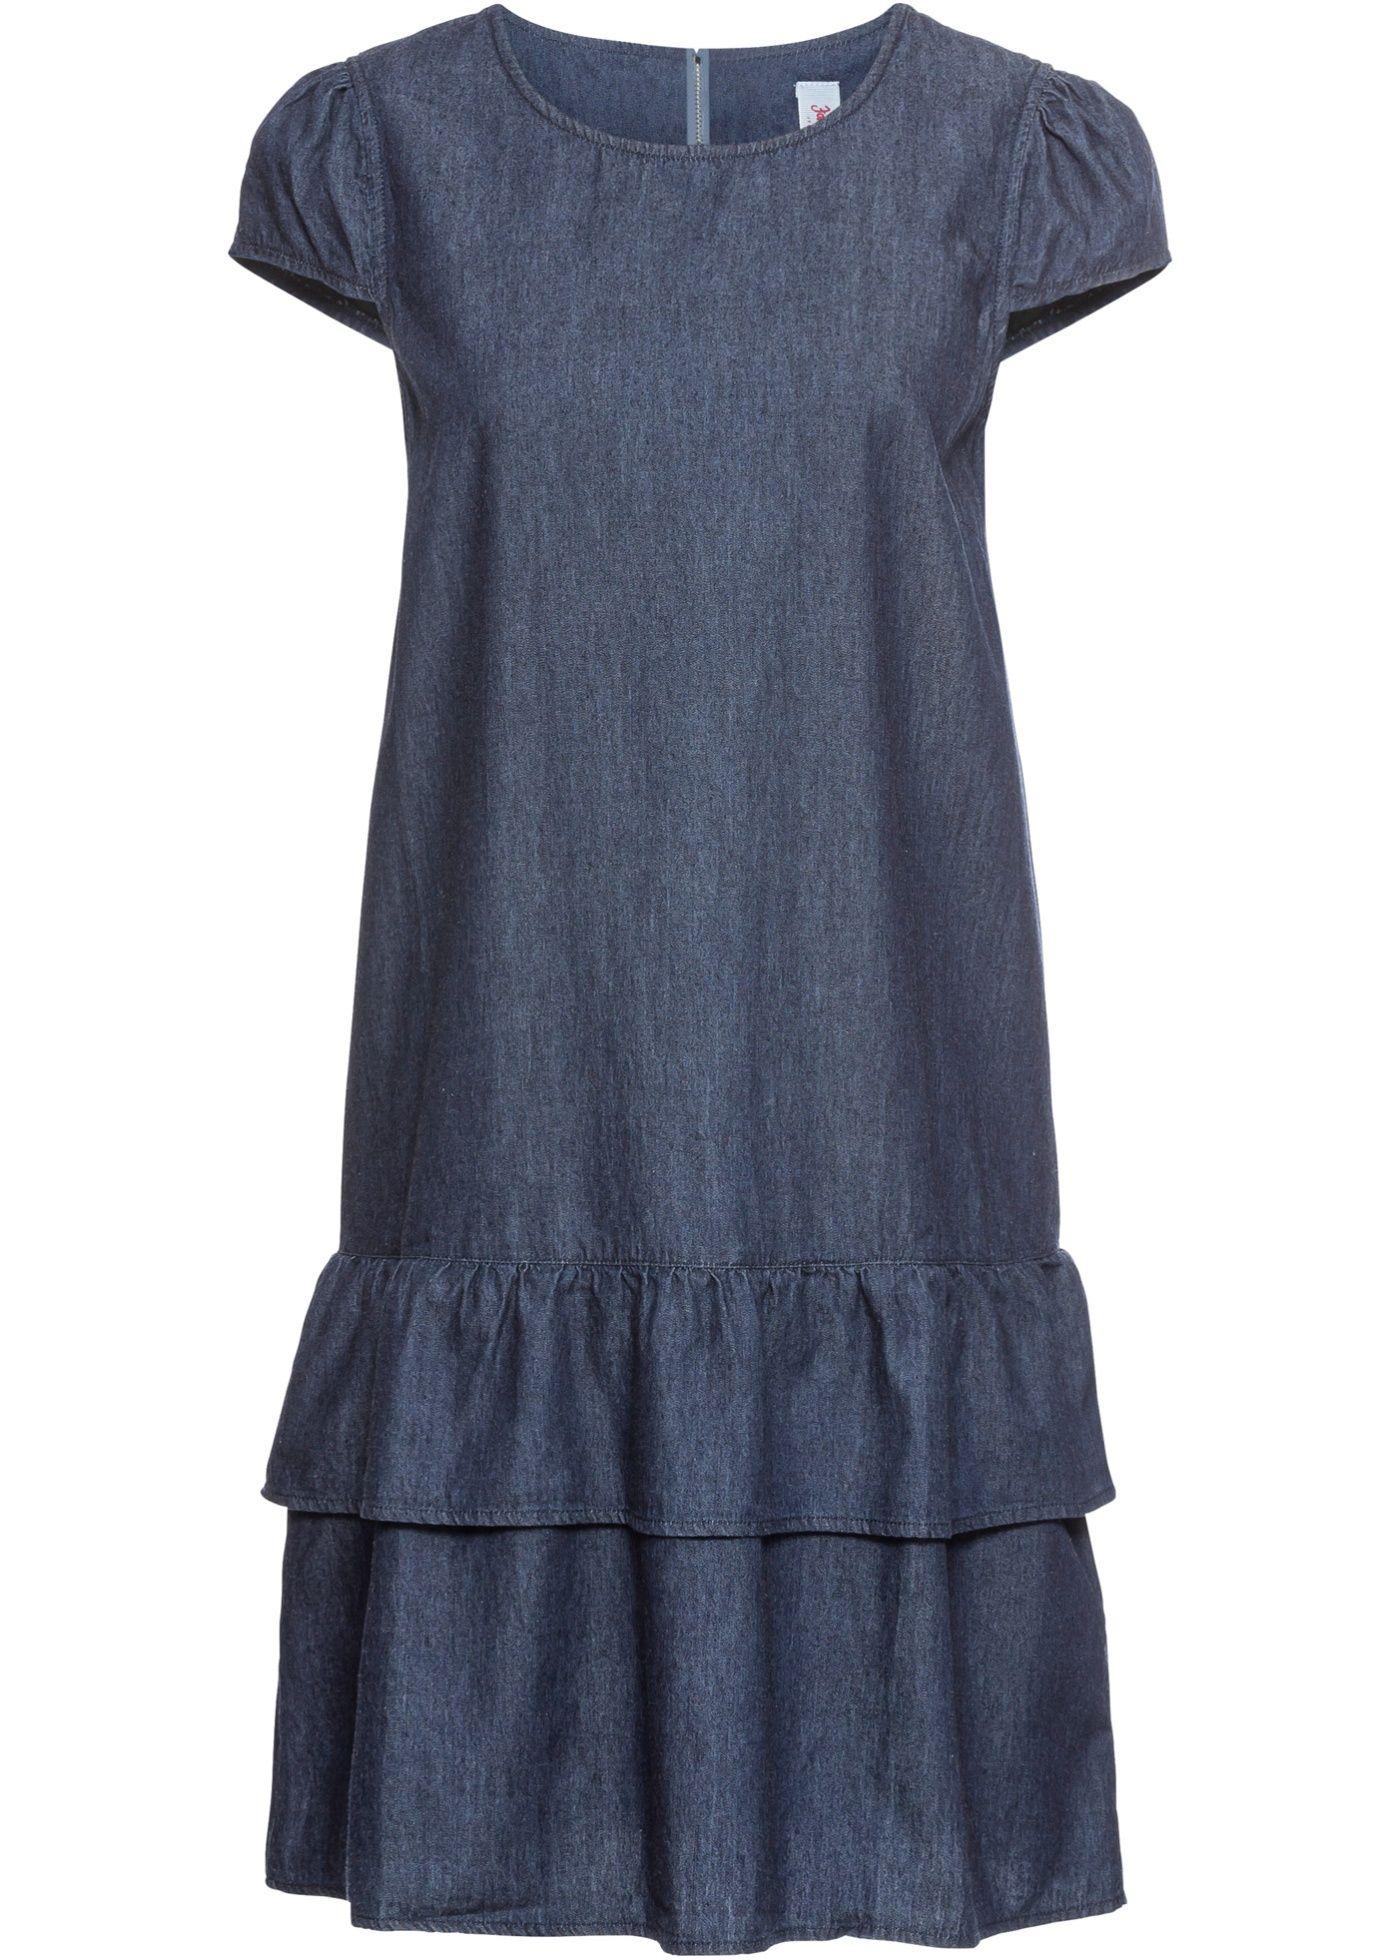 Kurzes Jeanskleid mit Volant und Reißverschluss ...